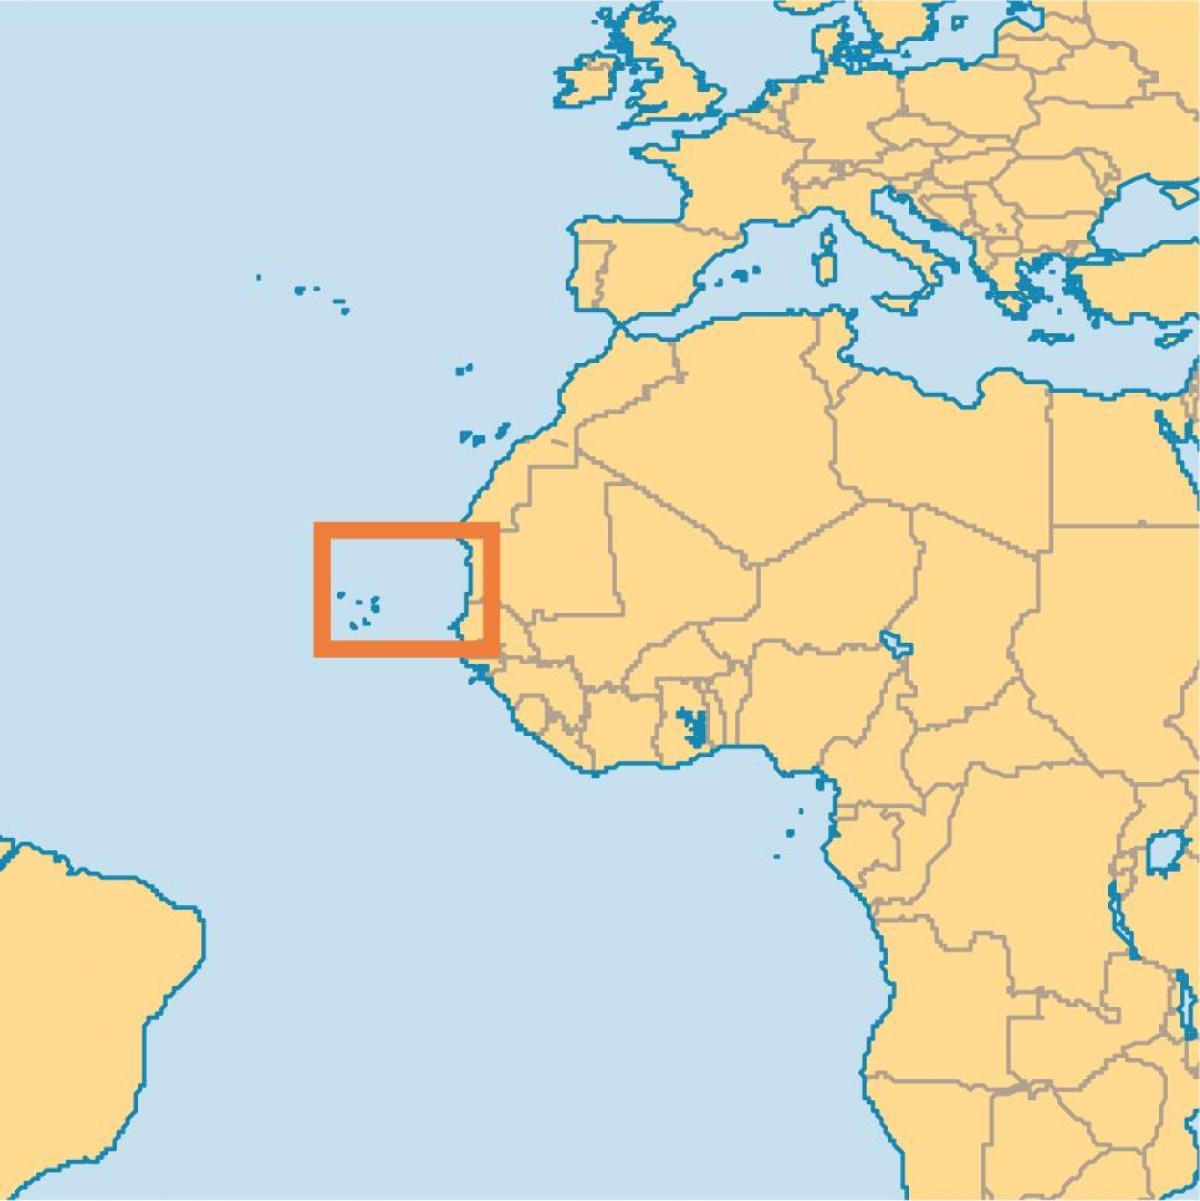 Kap Verden Saarilla Maailma Kartta Nayttaa Kap Verden